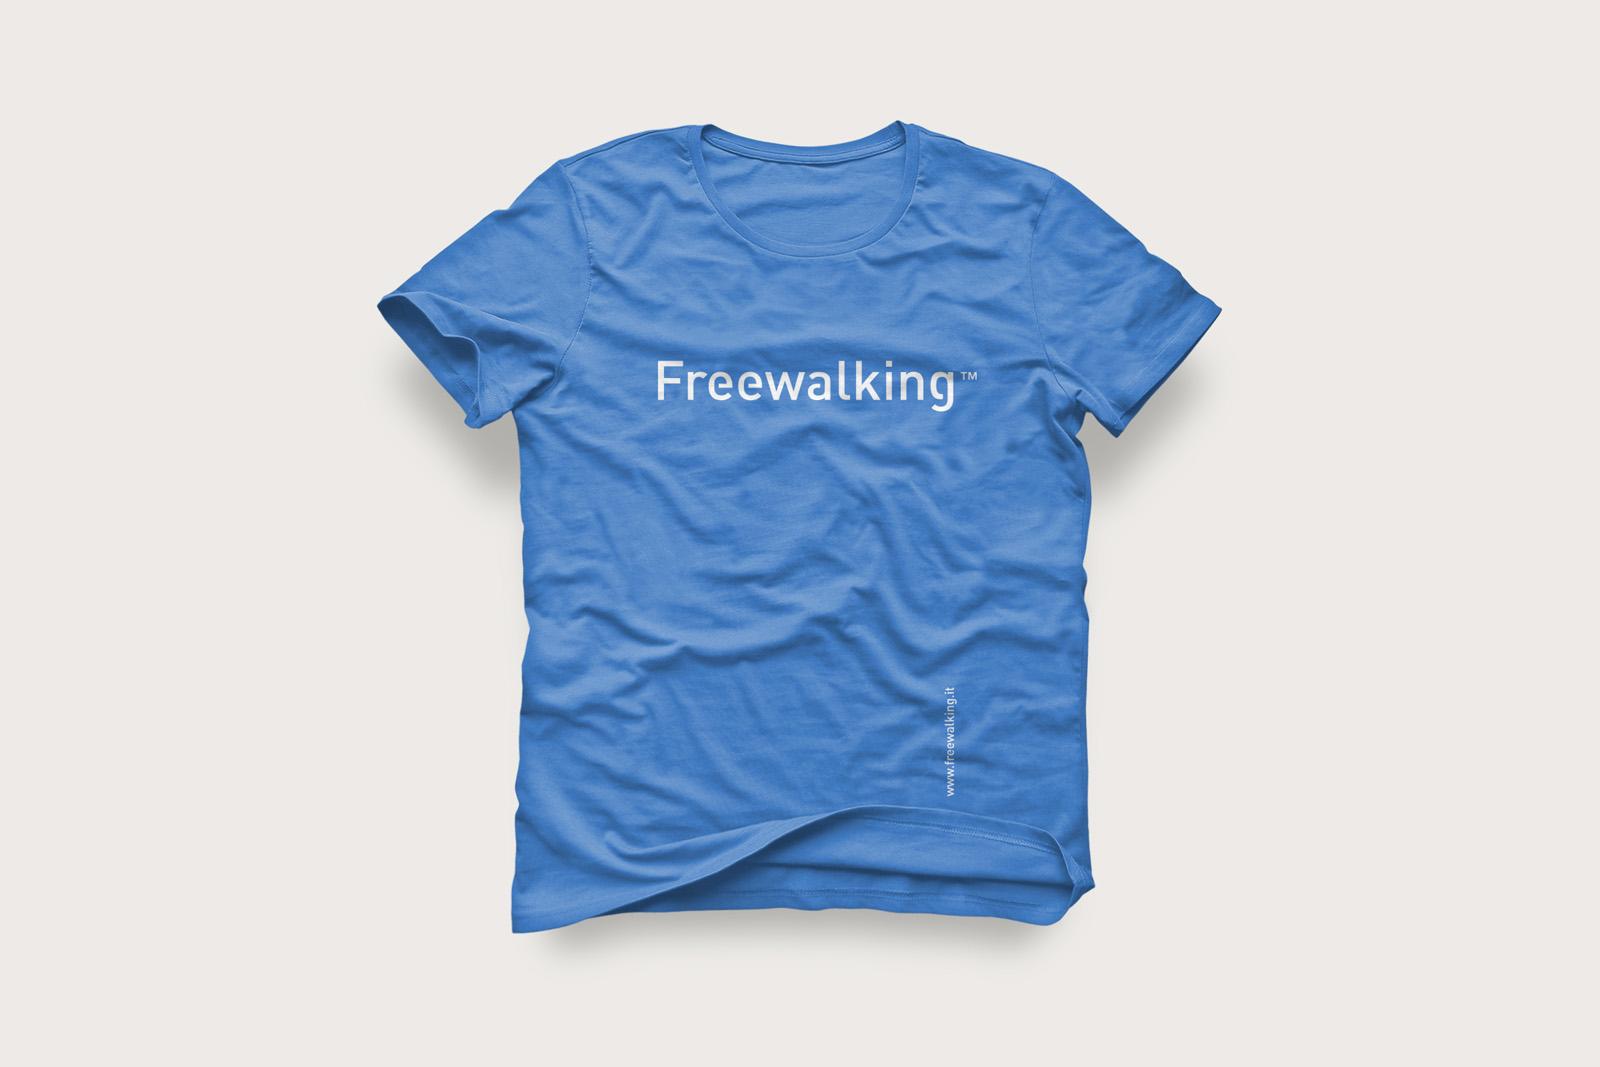 Freewalking 02.jpg